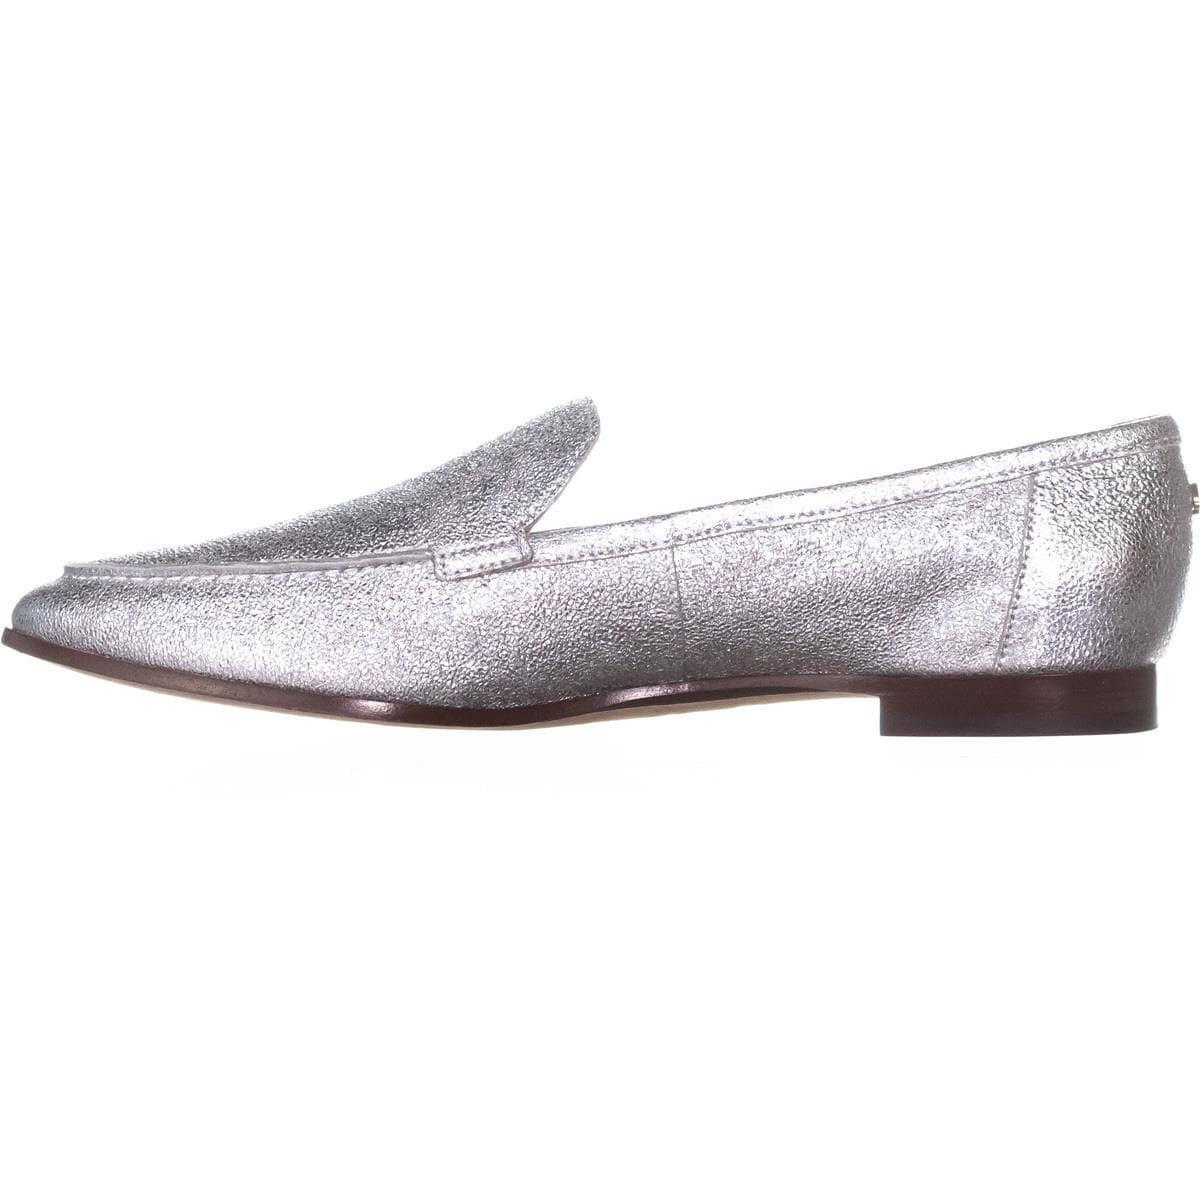 3a45f912b2e0 Shop Kate Spade Carima Pointed-Toe Loafers